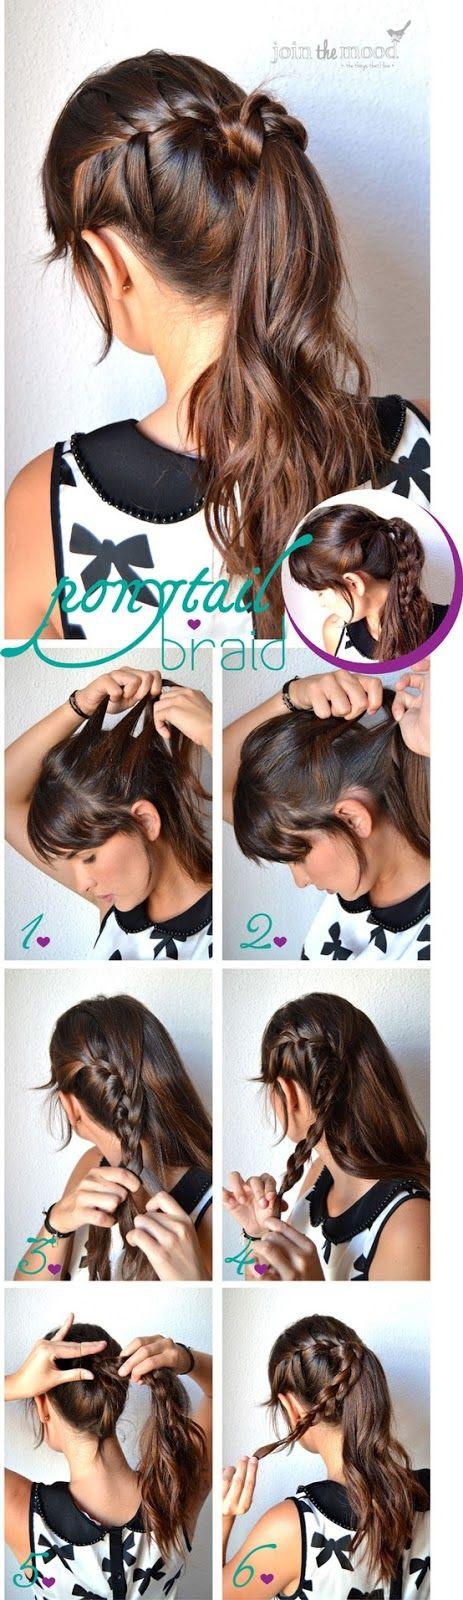 Braided ponytail DIY hair tutorial !! ♥